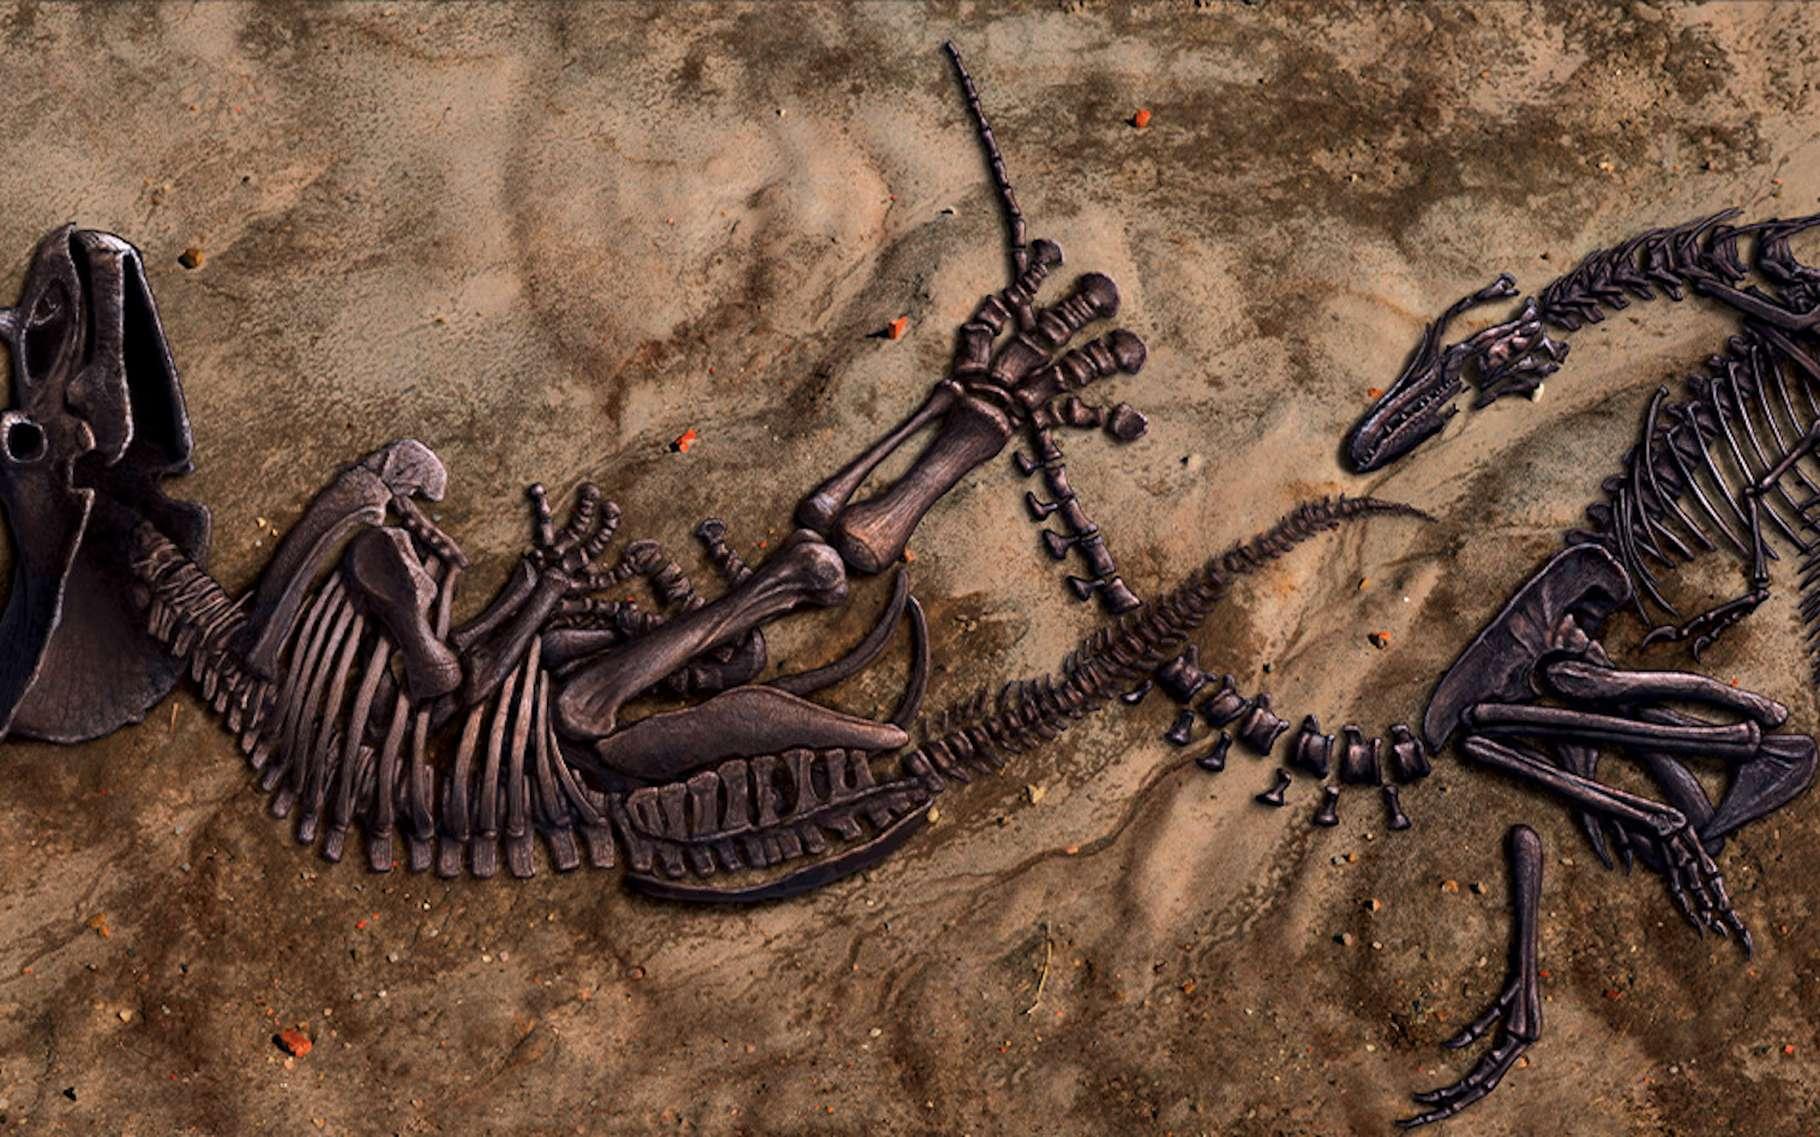 Le Musée d'histoires naturelles de Caroline du Nord (NCMNS) vient de racheter à des propriétaires privés, un fossile extraordinairement bien préservé semblant figurer un T-Rex et un Triceratops en plein duel. © Musée d'histoires naturelles de Caroline du Nord